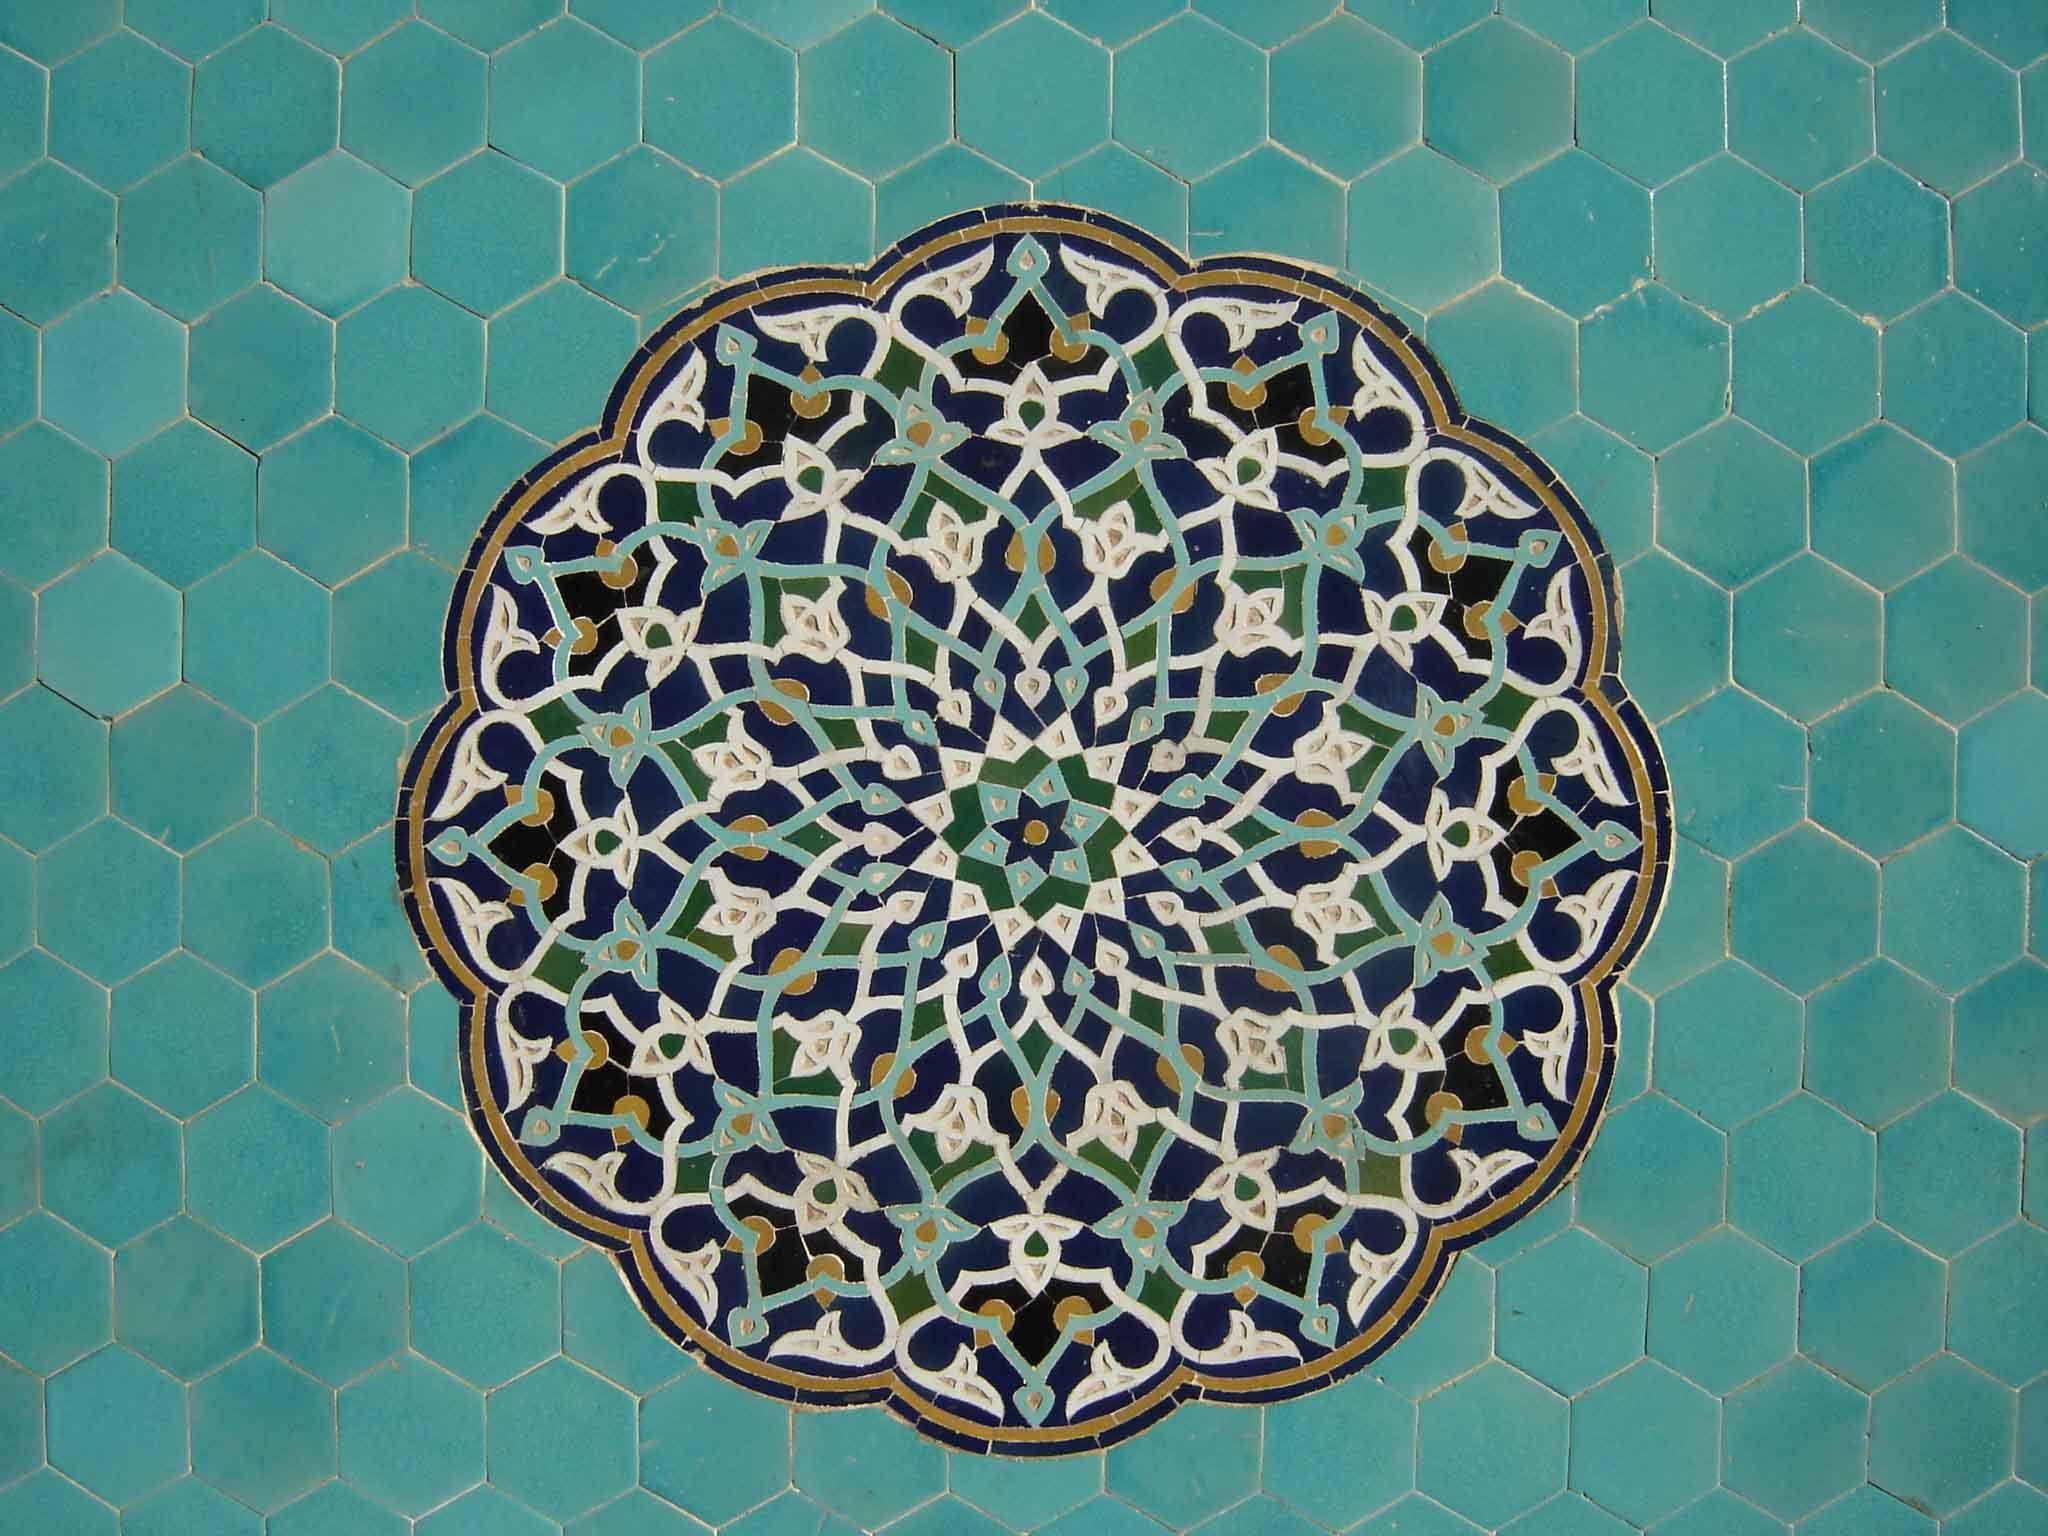 تعداد پیام آوران الهی در منابع اسلامی